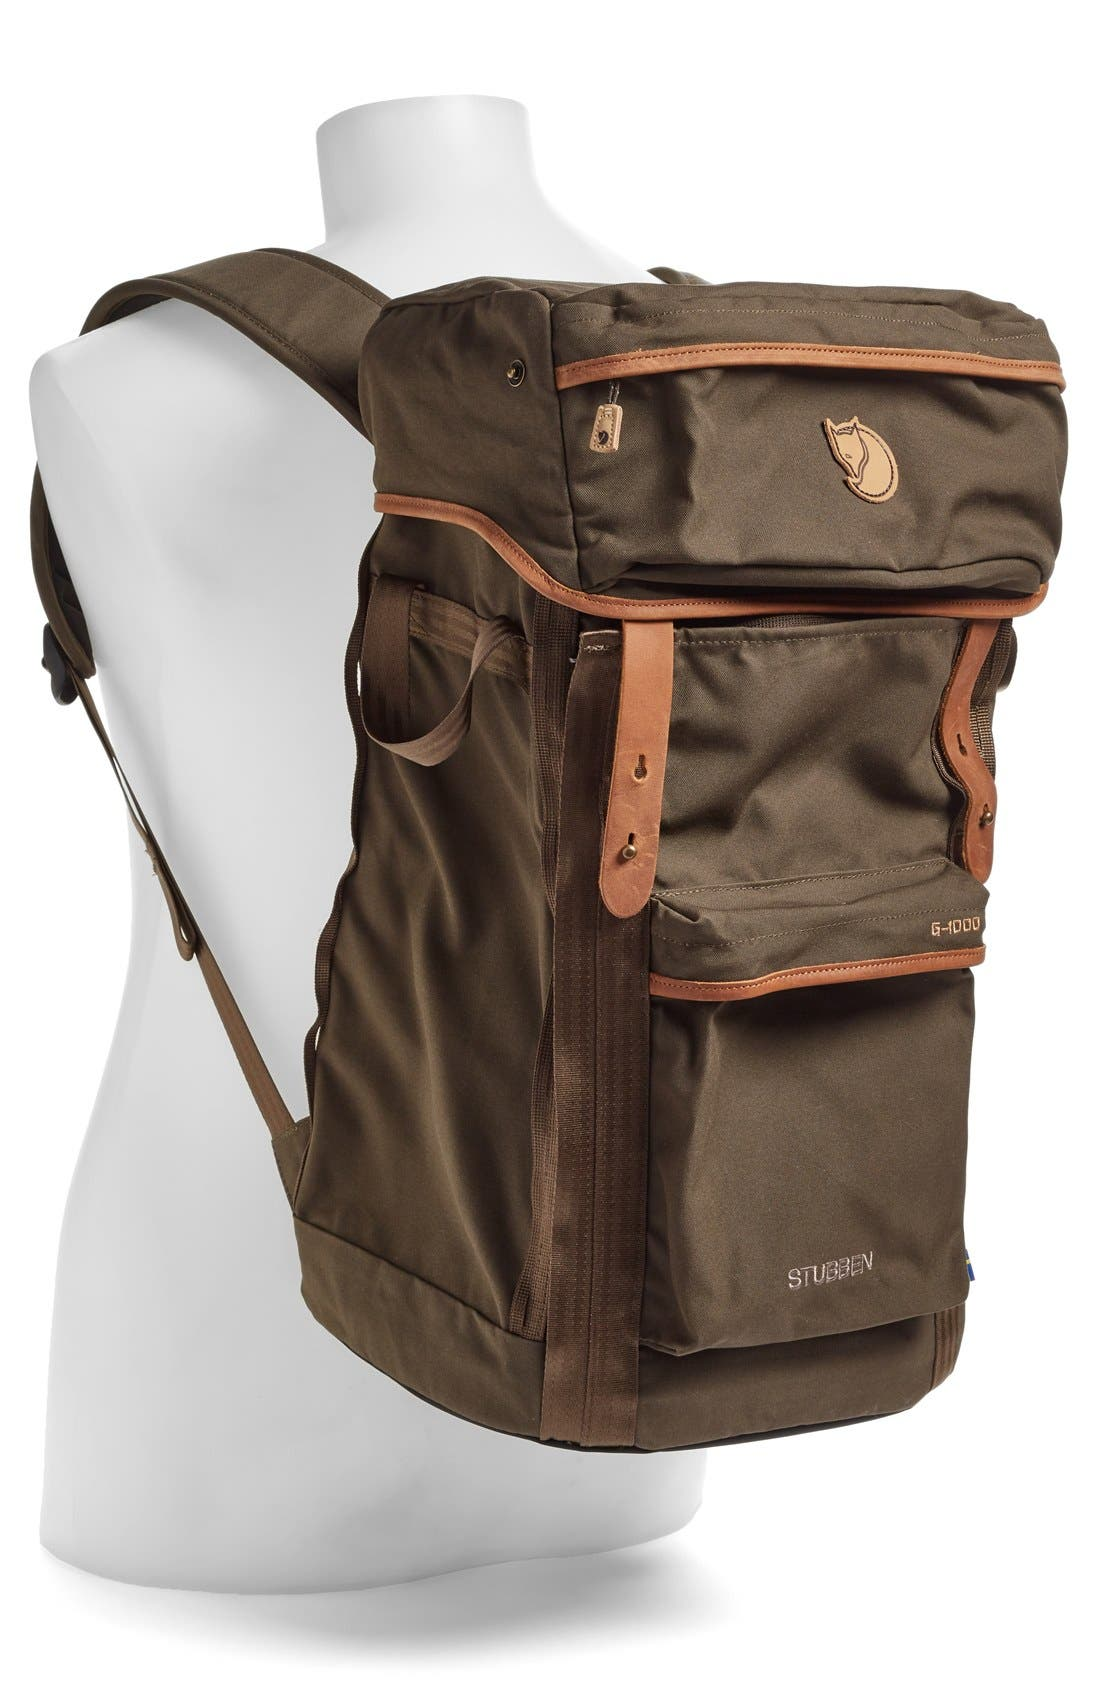 'Stubben' Backpack,                             Alternate thumbnail 2, color,                             Dark Olive